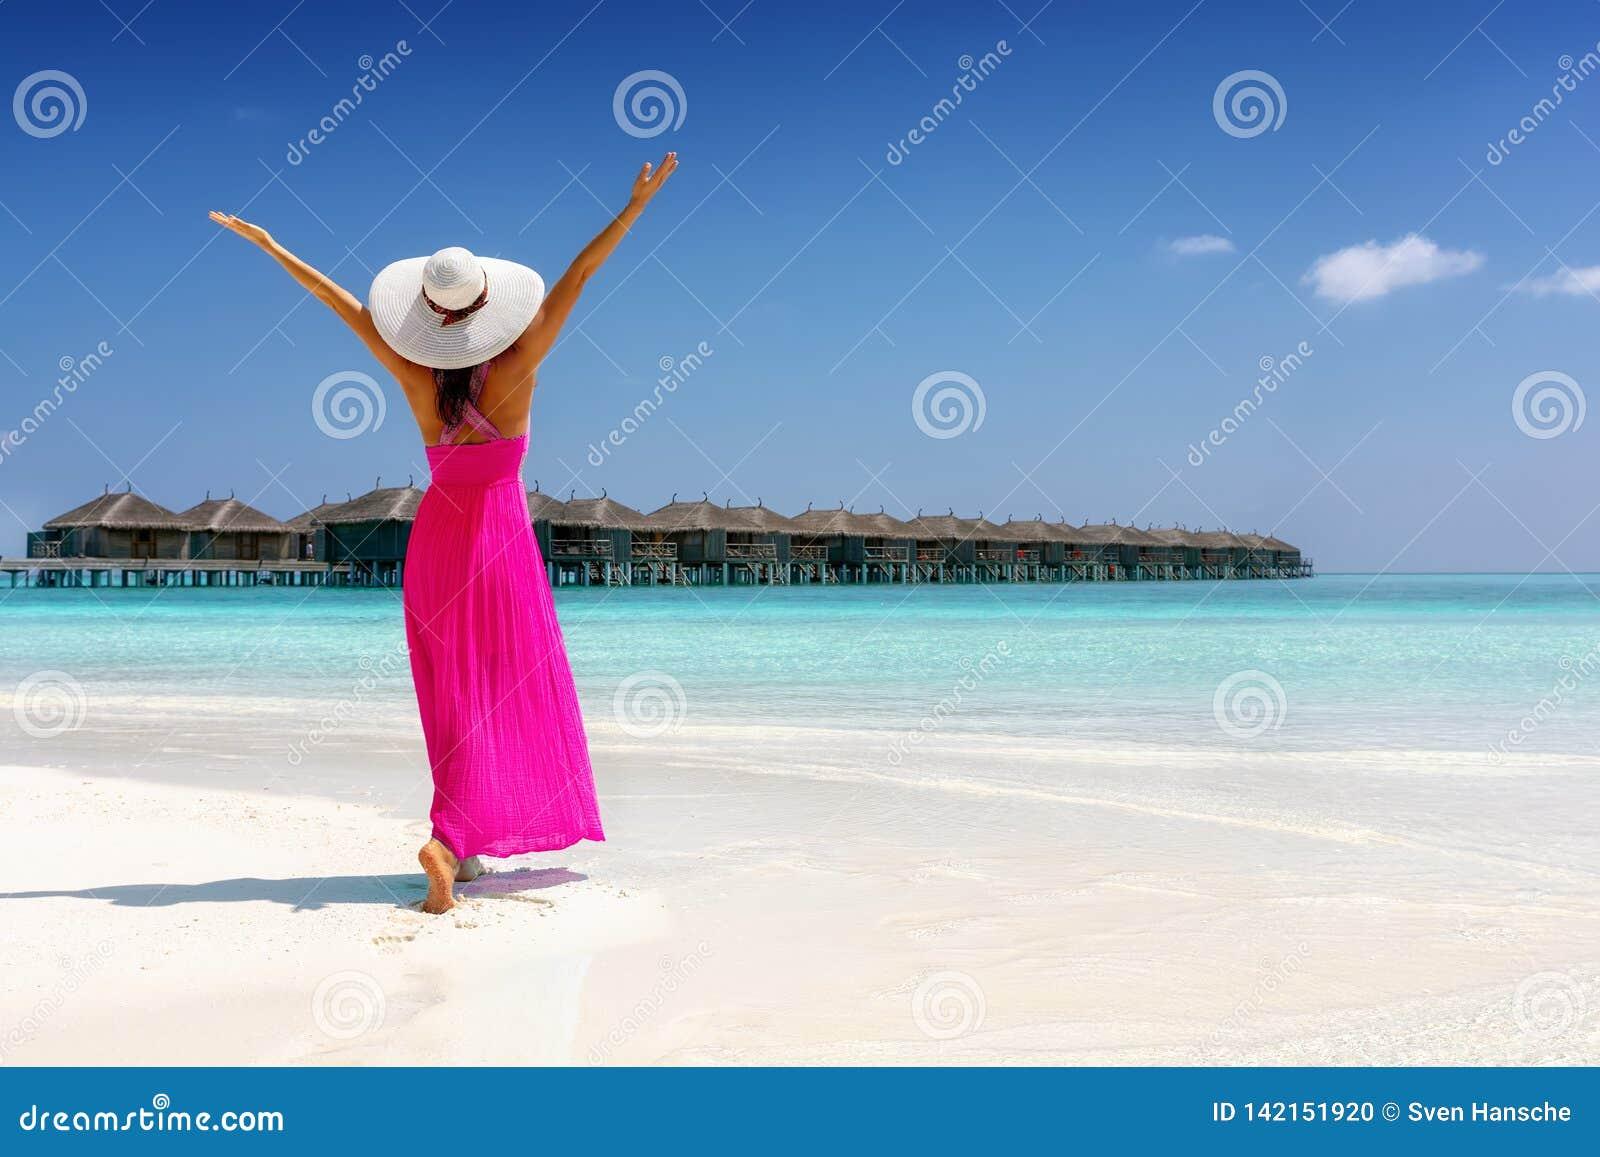 La mujer en un vestido rosado del verano se coloca en una playa tropical en los Maldivas